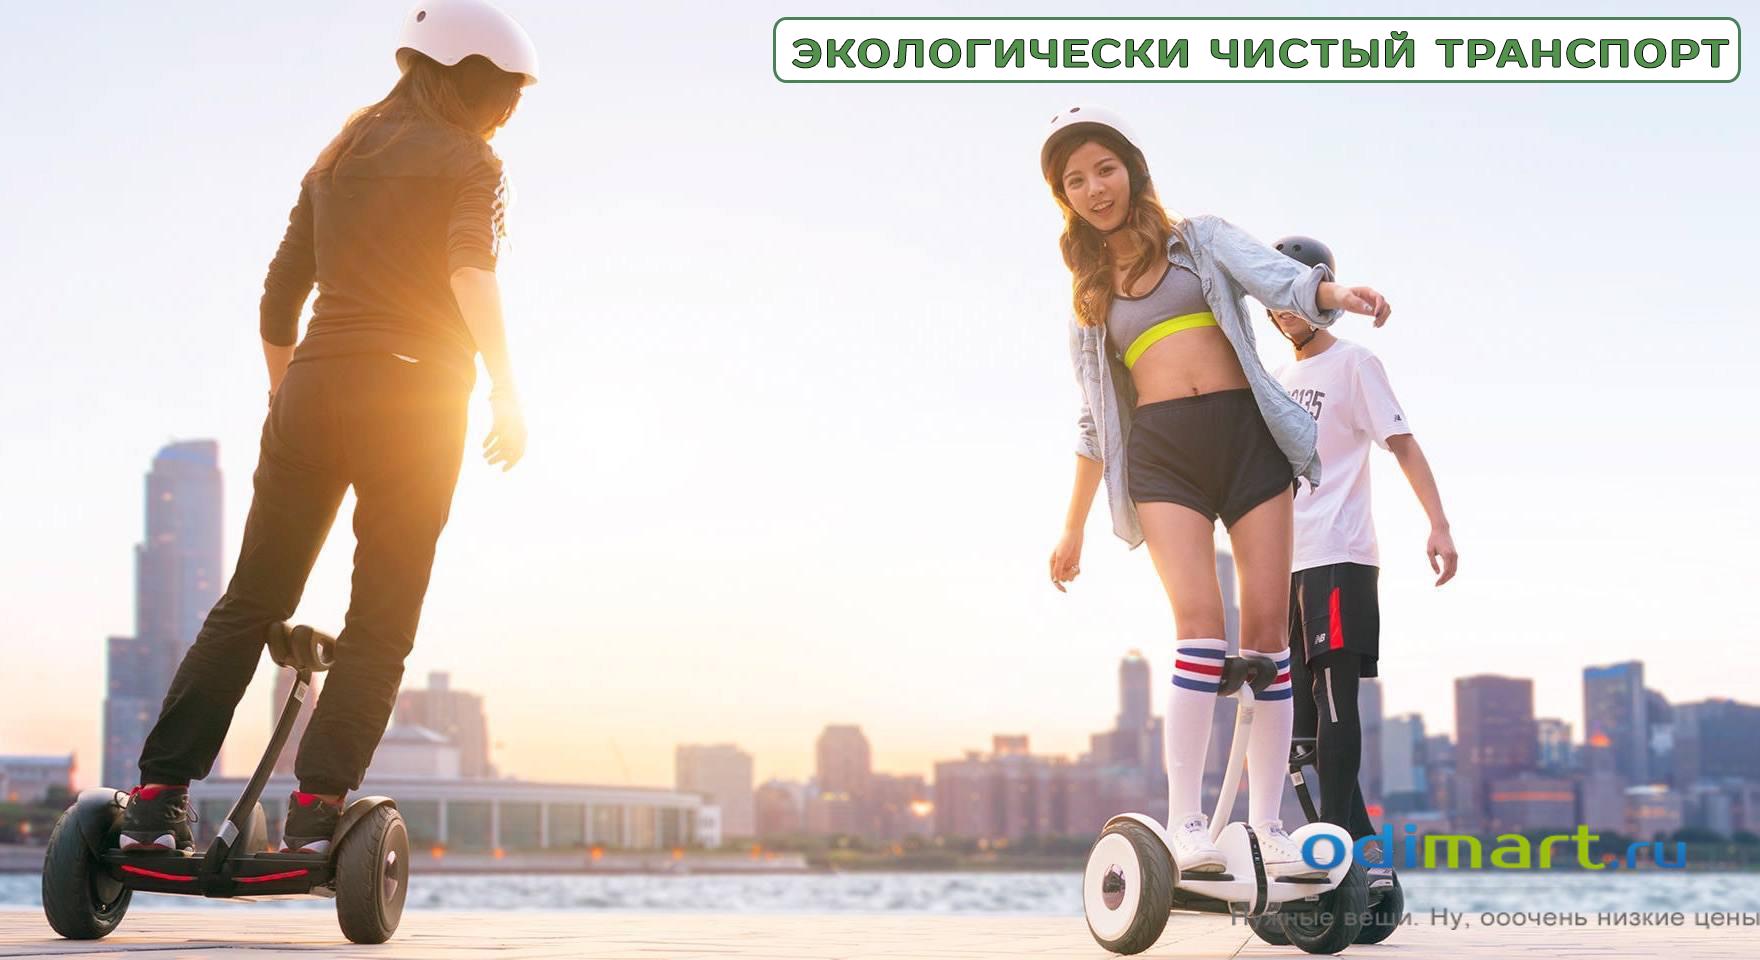 Купить дешевый гироскутер в Москве